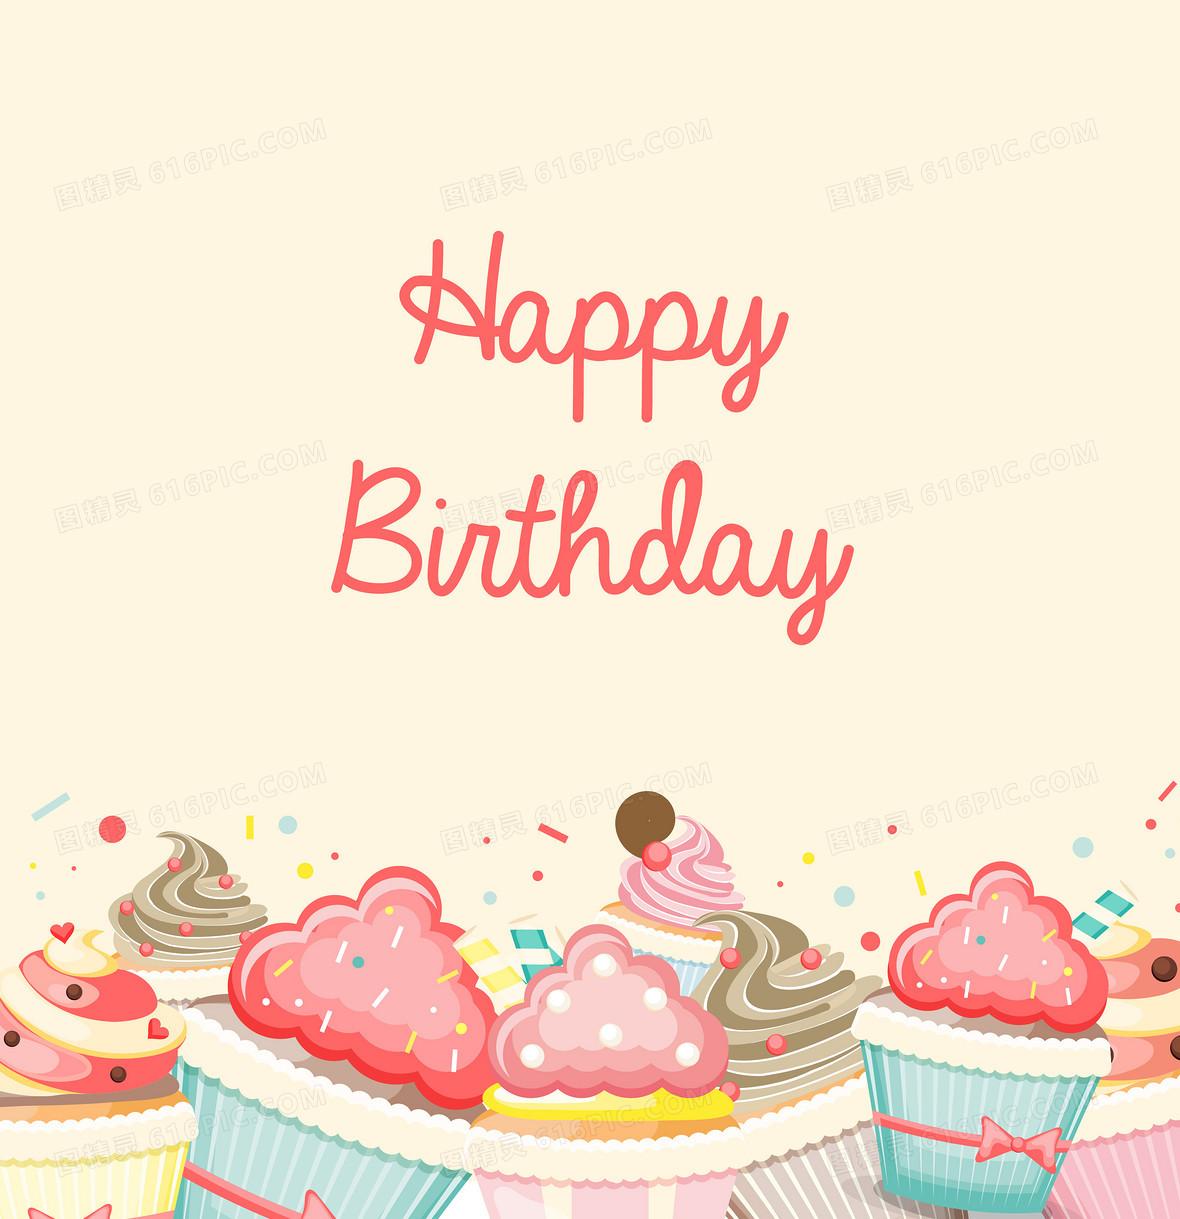 卡通彩色蛋糕生日快乐背景素材